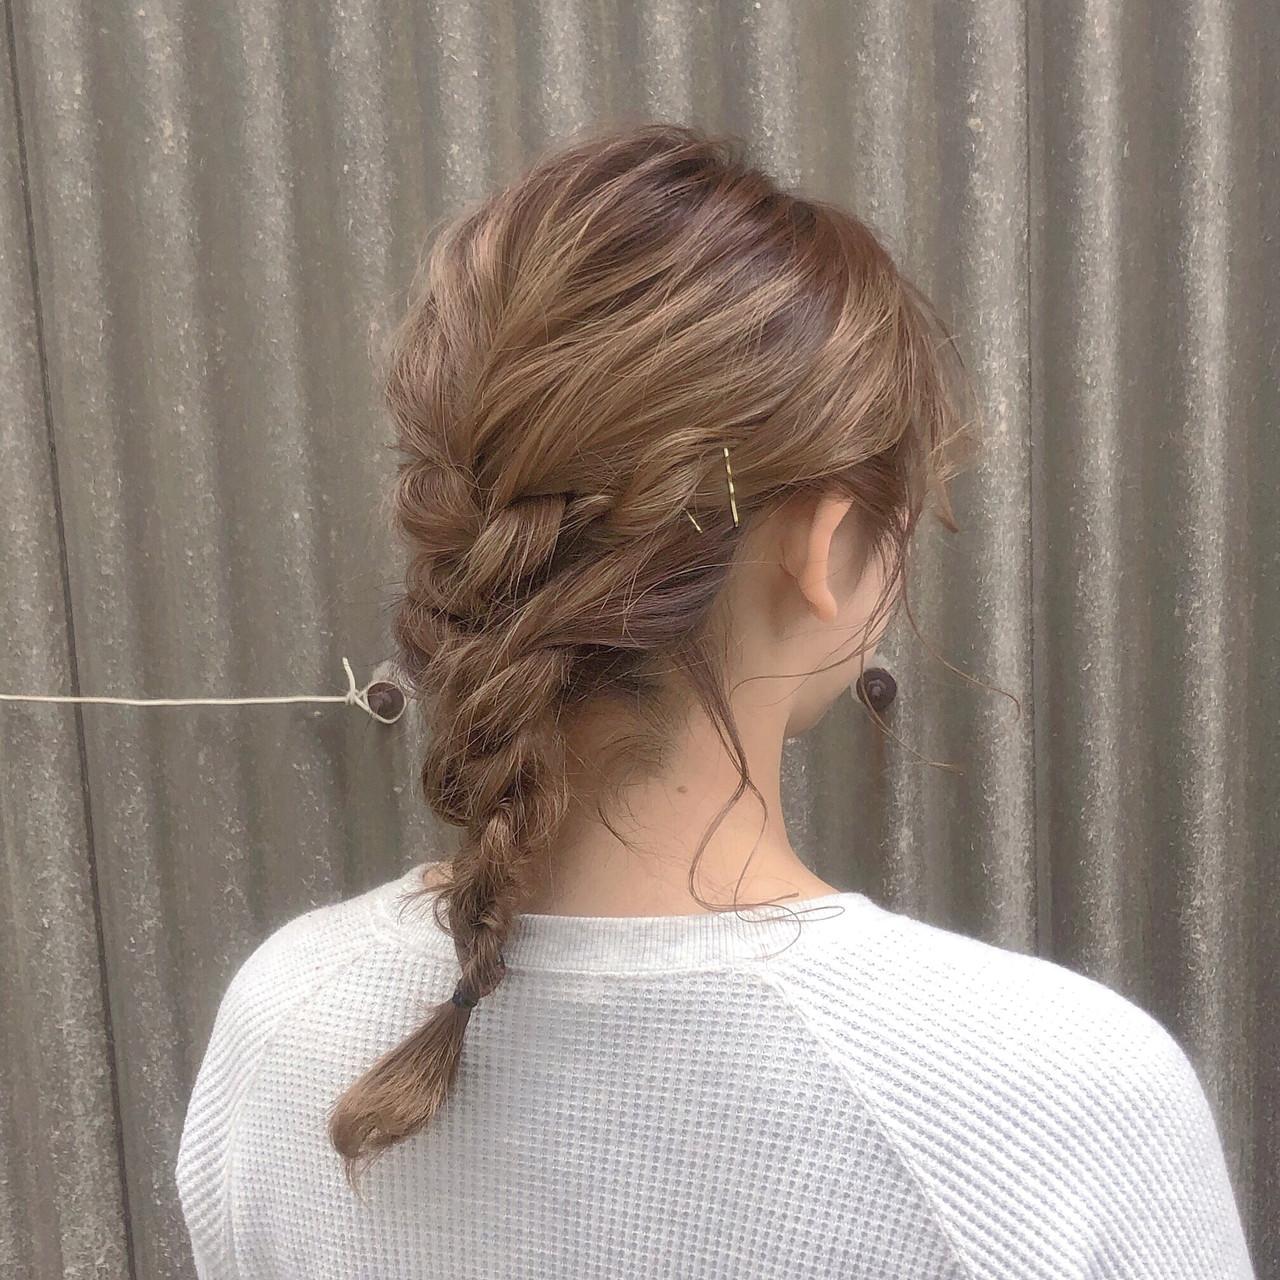 ナチュラル ミルクティーベージュ 簡単ヘアアレンジ ミディアム ヘアスタイルや髪型の写真・画像